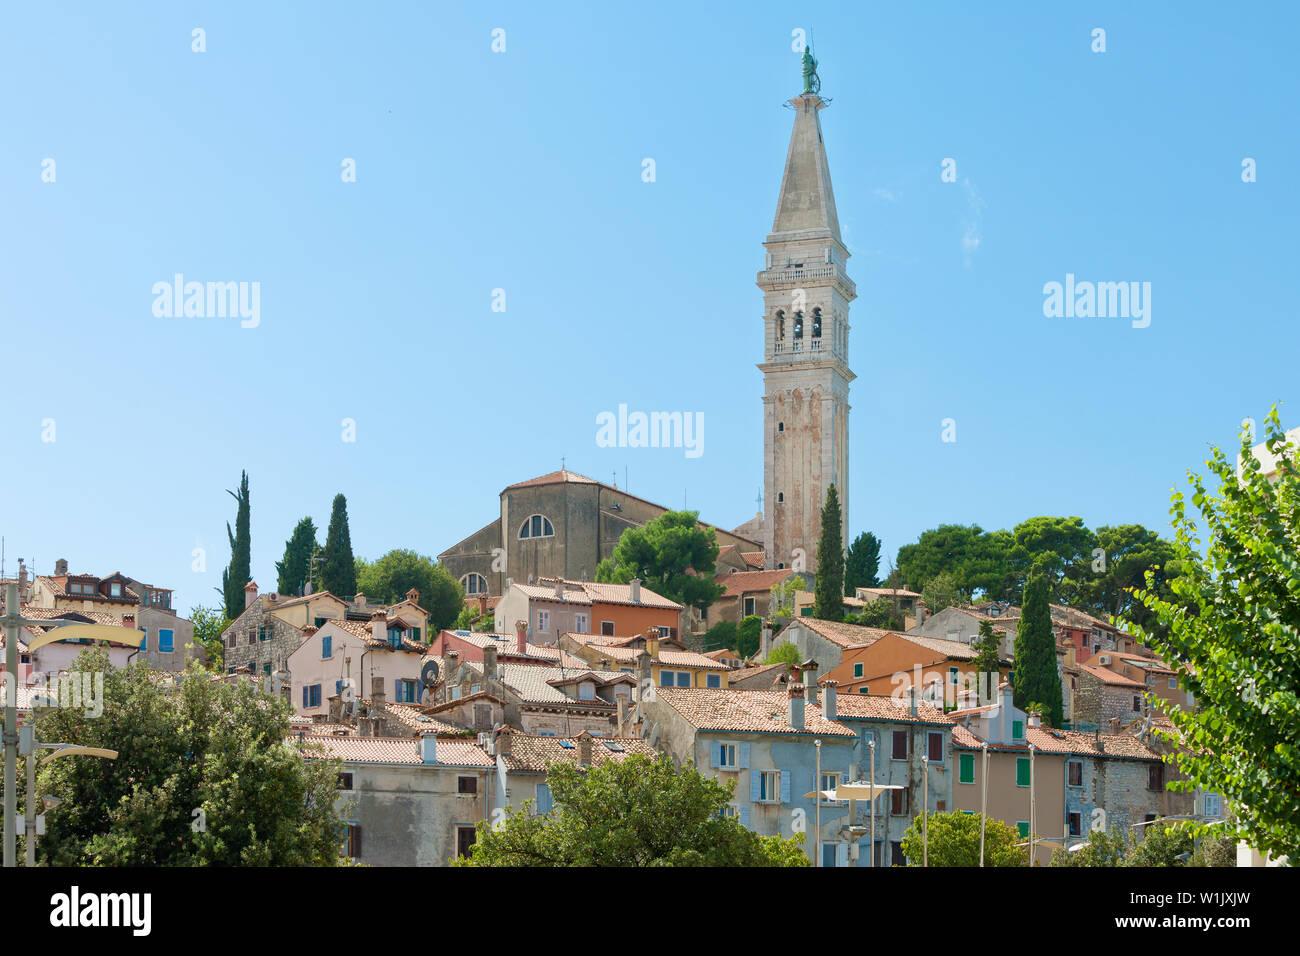 Rovinj, Istrien, Kroatien, Europa - Turm der Kirche der hl. Euphemia Stockfoto